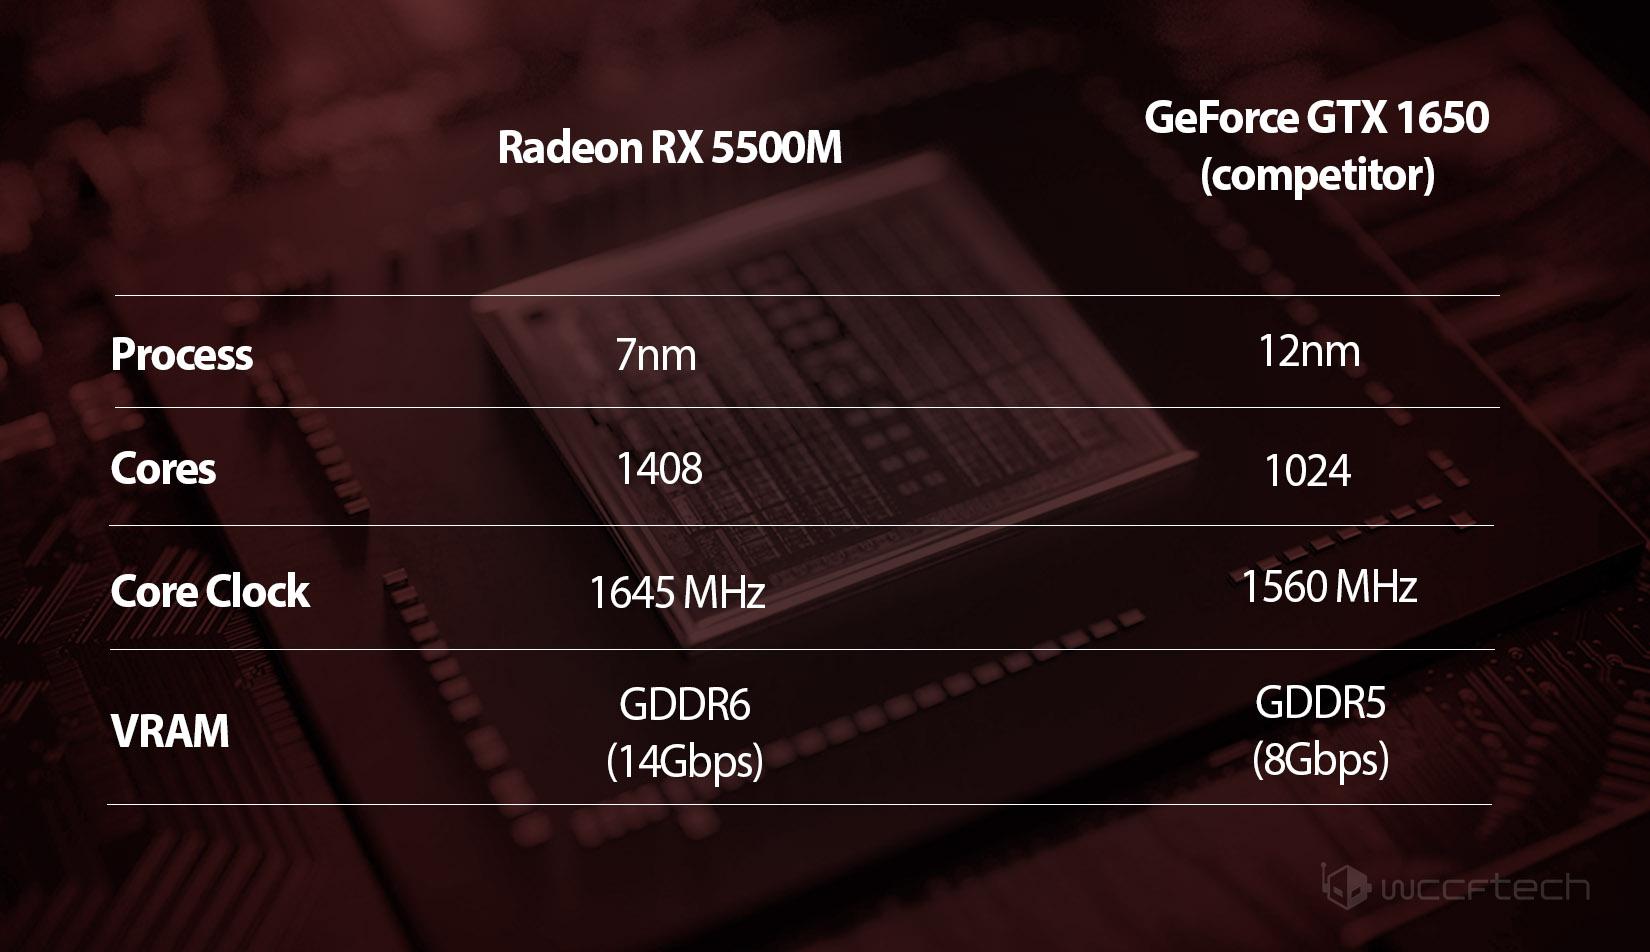 Image 1 : Les Radeon RX 5500M et 5300M face aux GTX 1650 et 1660 sous 3DMark 11